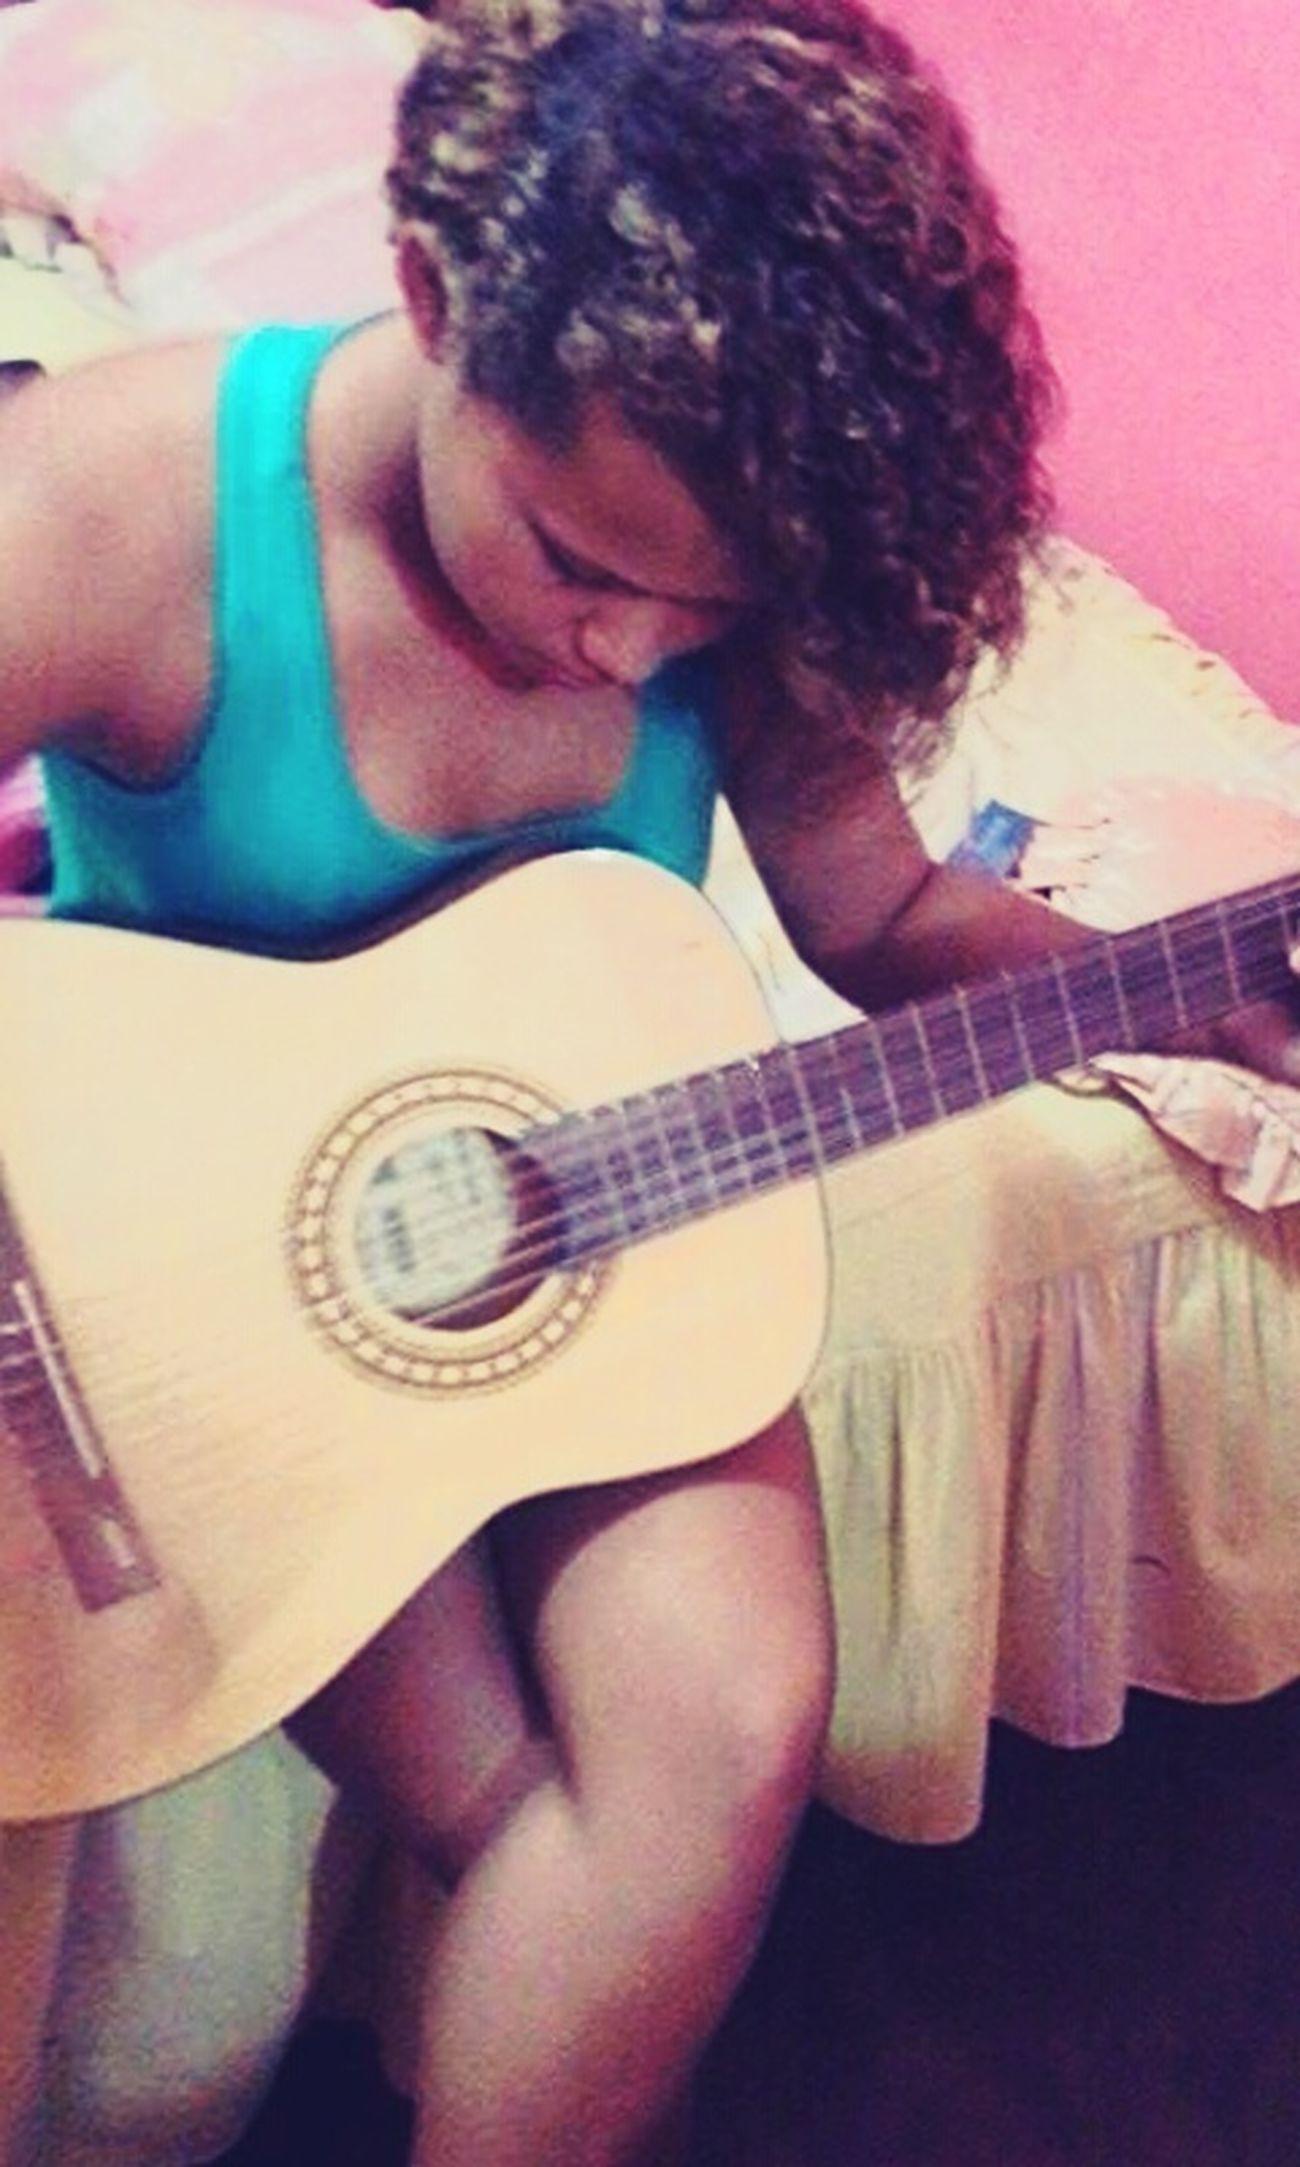 ✌❤✌ Paz ii Amor ✌❤✌ Positivevibe Paz ✌ ✌Vibe Violão ✌✌